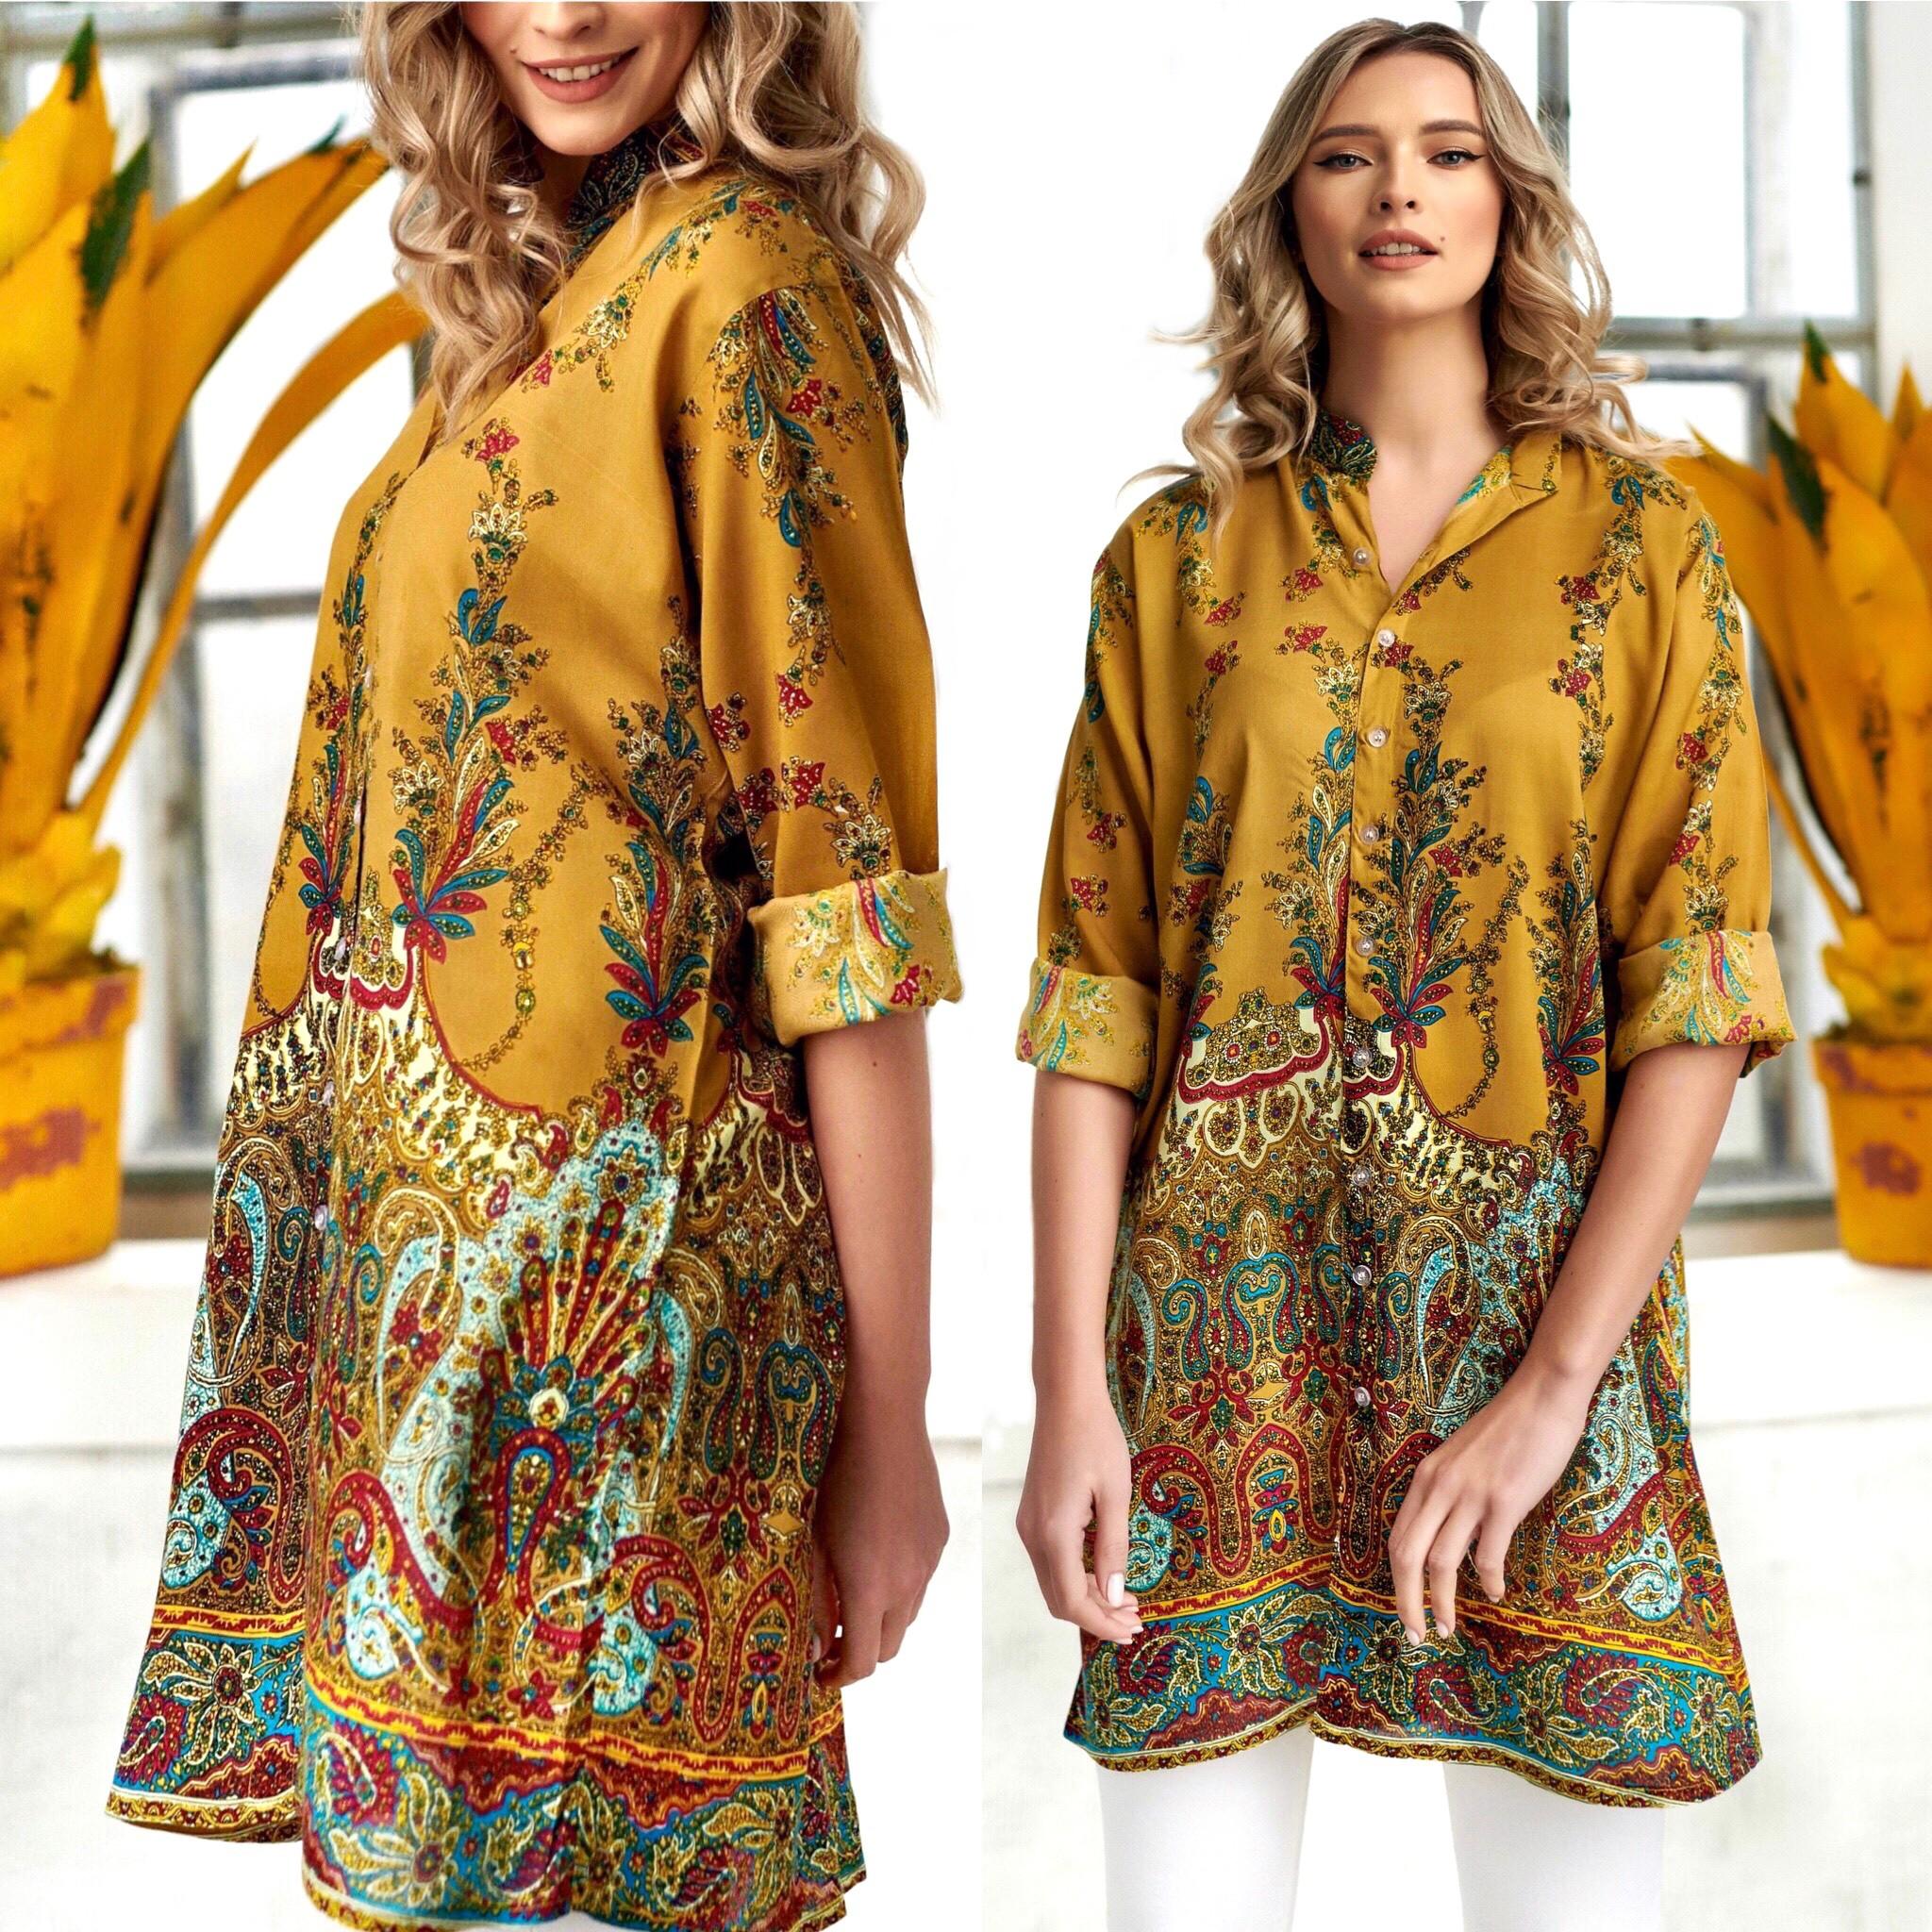 Rochie - camasa cu imprimeu floral - Catia bej